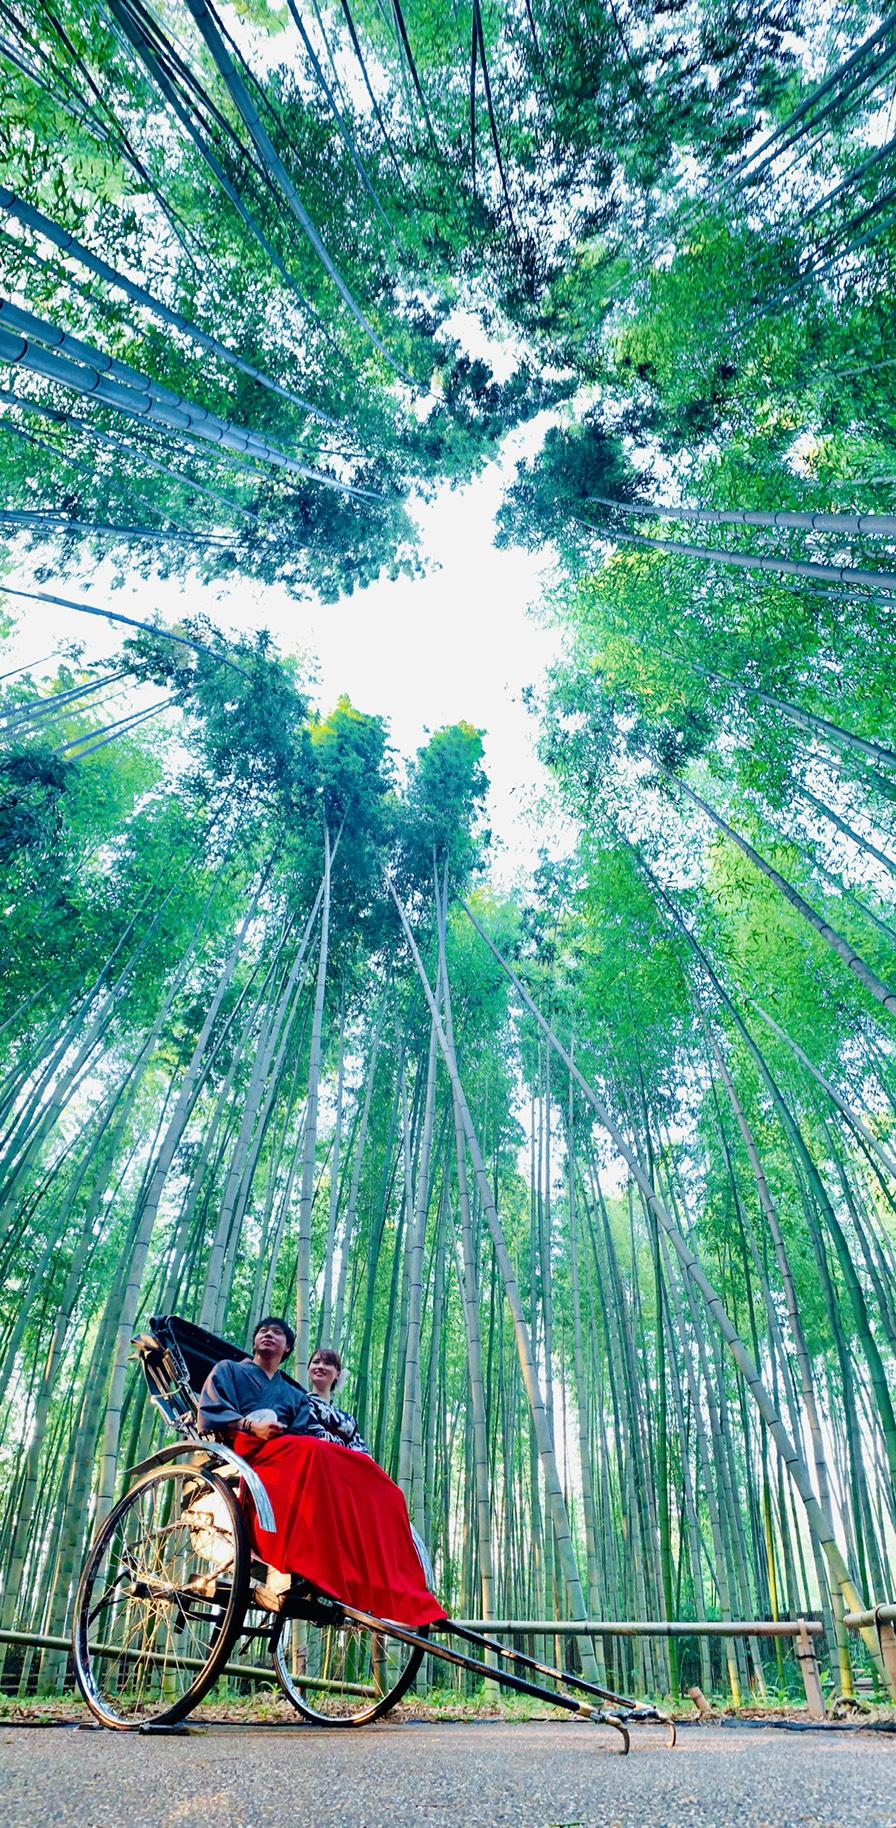 夏休みの思い出に京都旅行♪2019年7月31日3